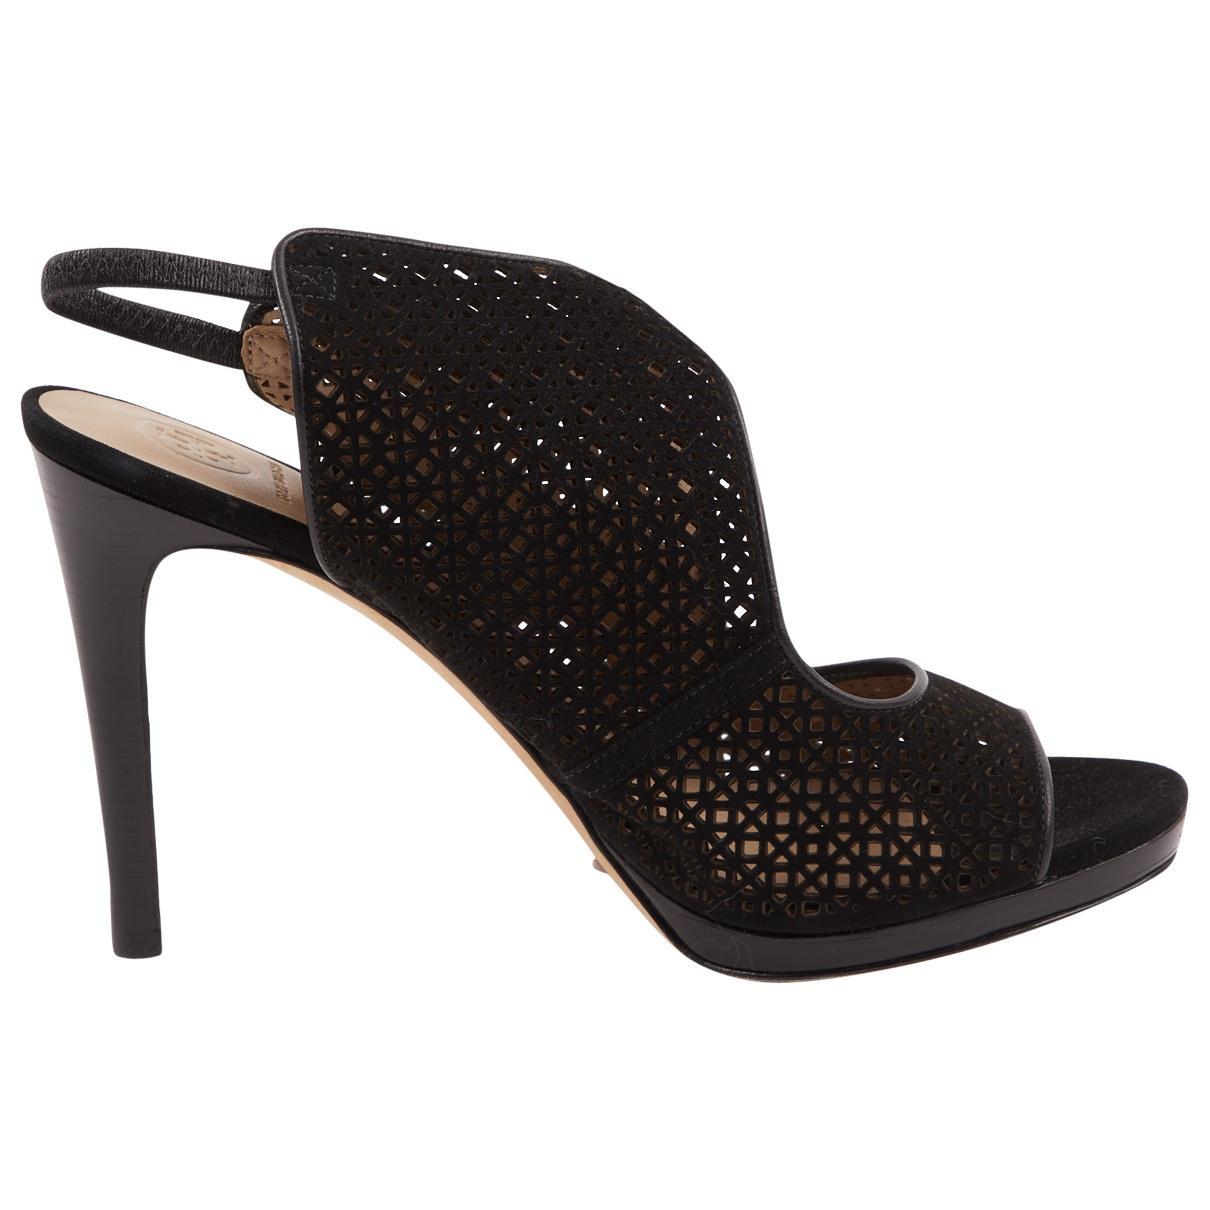 9ed33b798031 Lyst - Tory Burch Pre-owned Velvet Sandals in Black